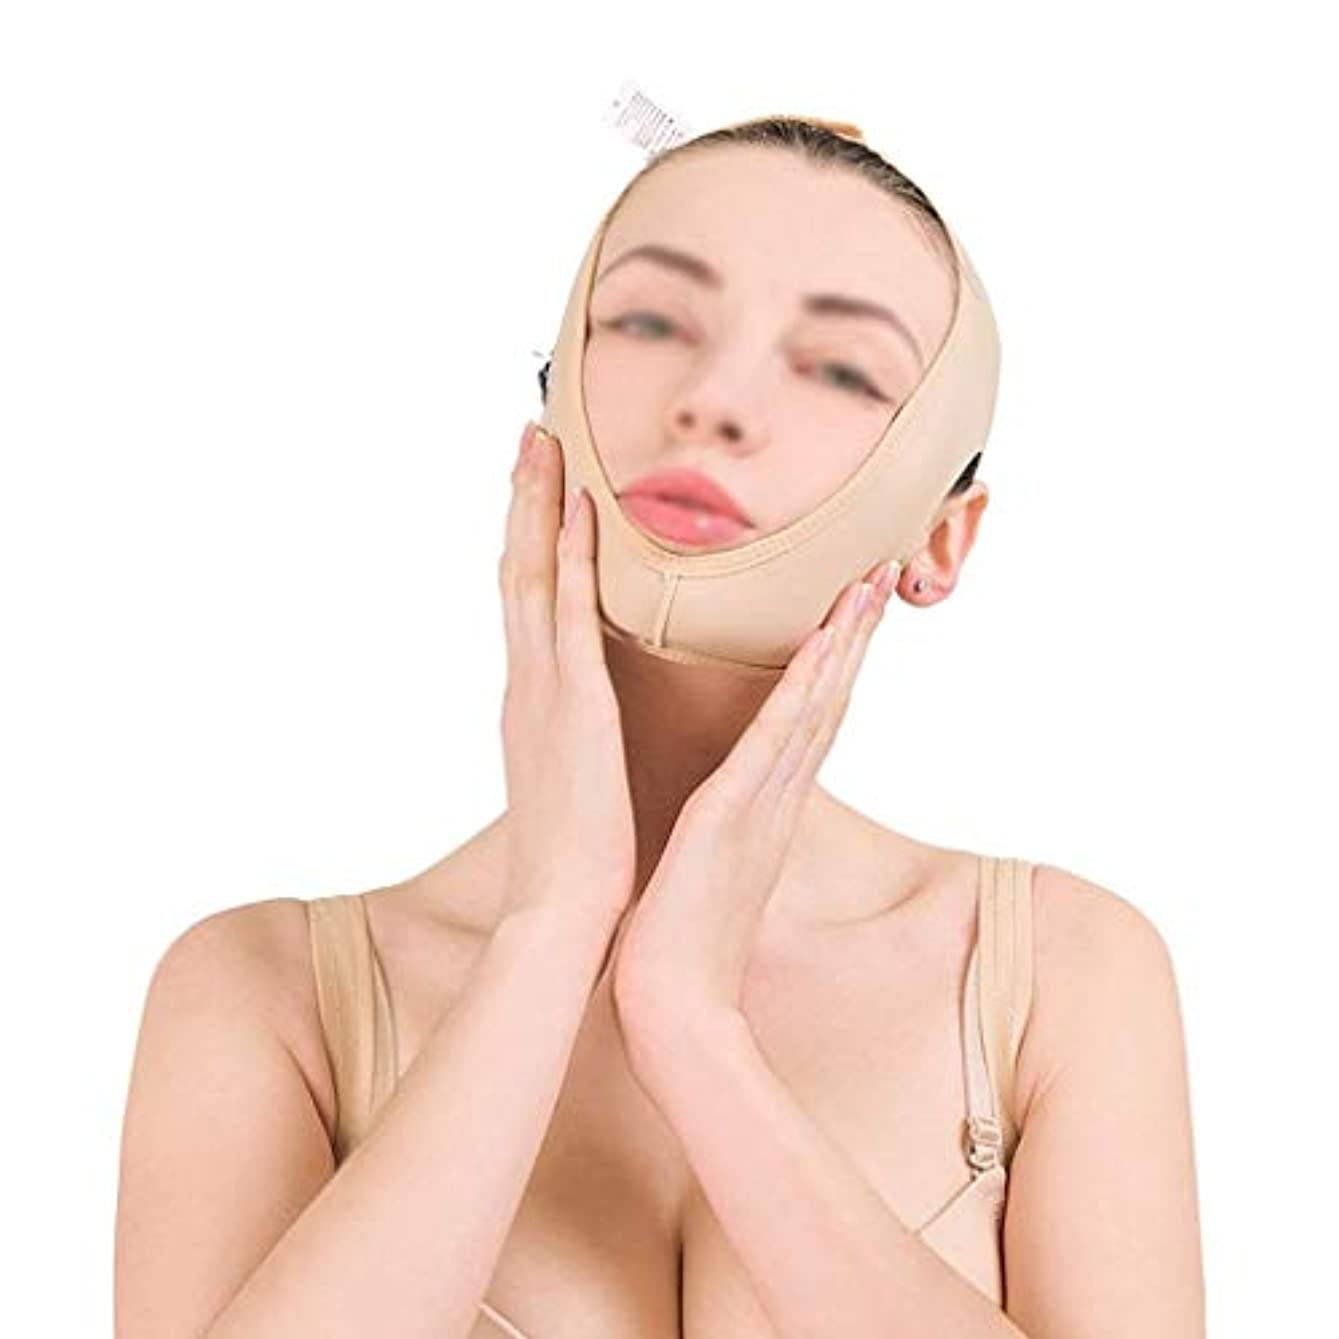 山積みの胃定期的マスク減量、肌の包帯を引き締めるリフティングフェイスバンド、フェイスリフティング、ダブルチンビューティバンデージ、フェイスリフト(サイズ:L),M